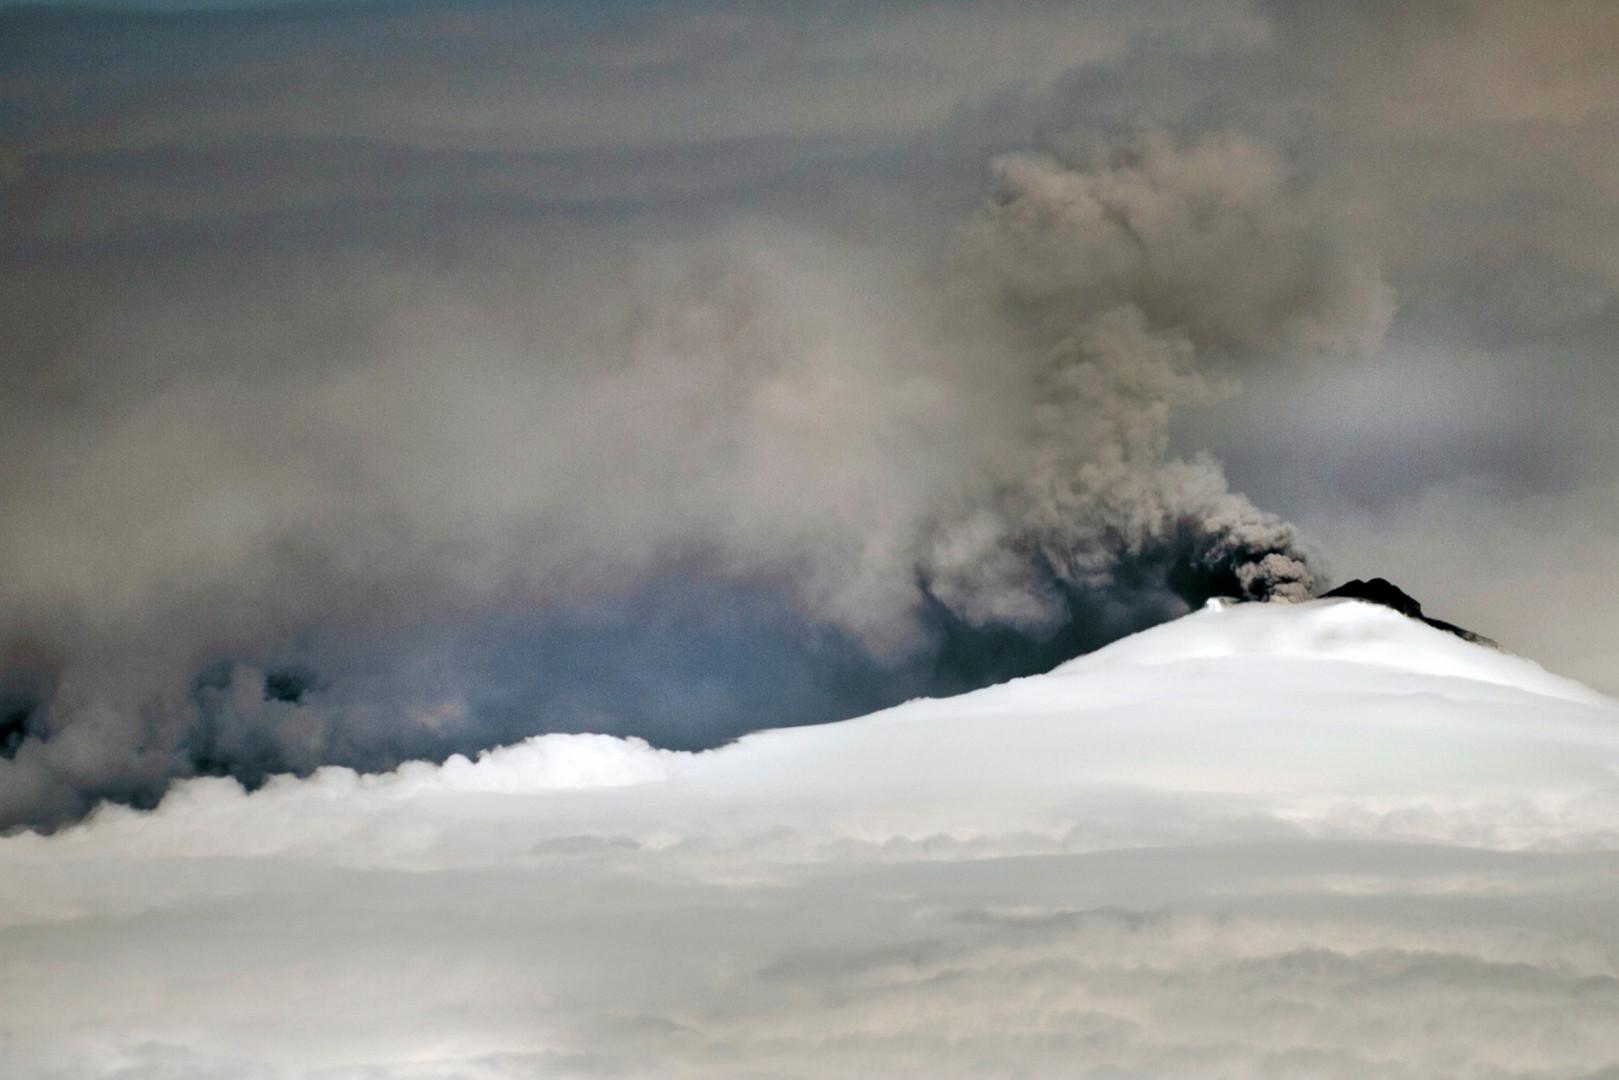 Cela fait plus d'un siècle que le Cotopaxi n'est pas entré en éruption